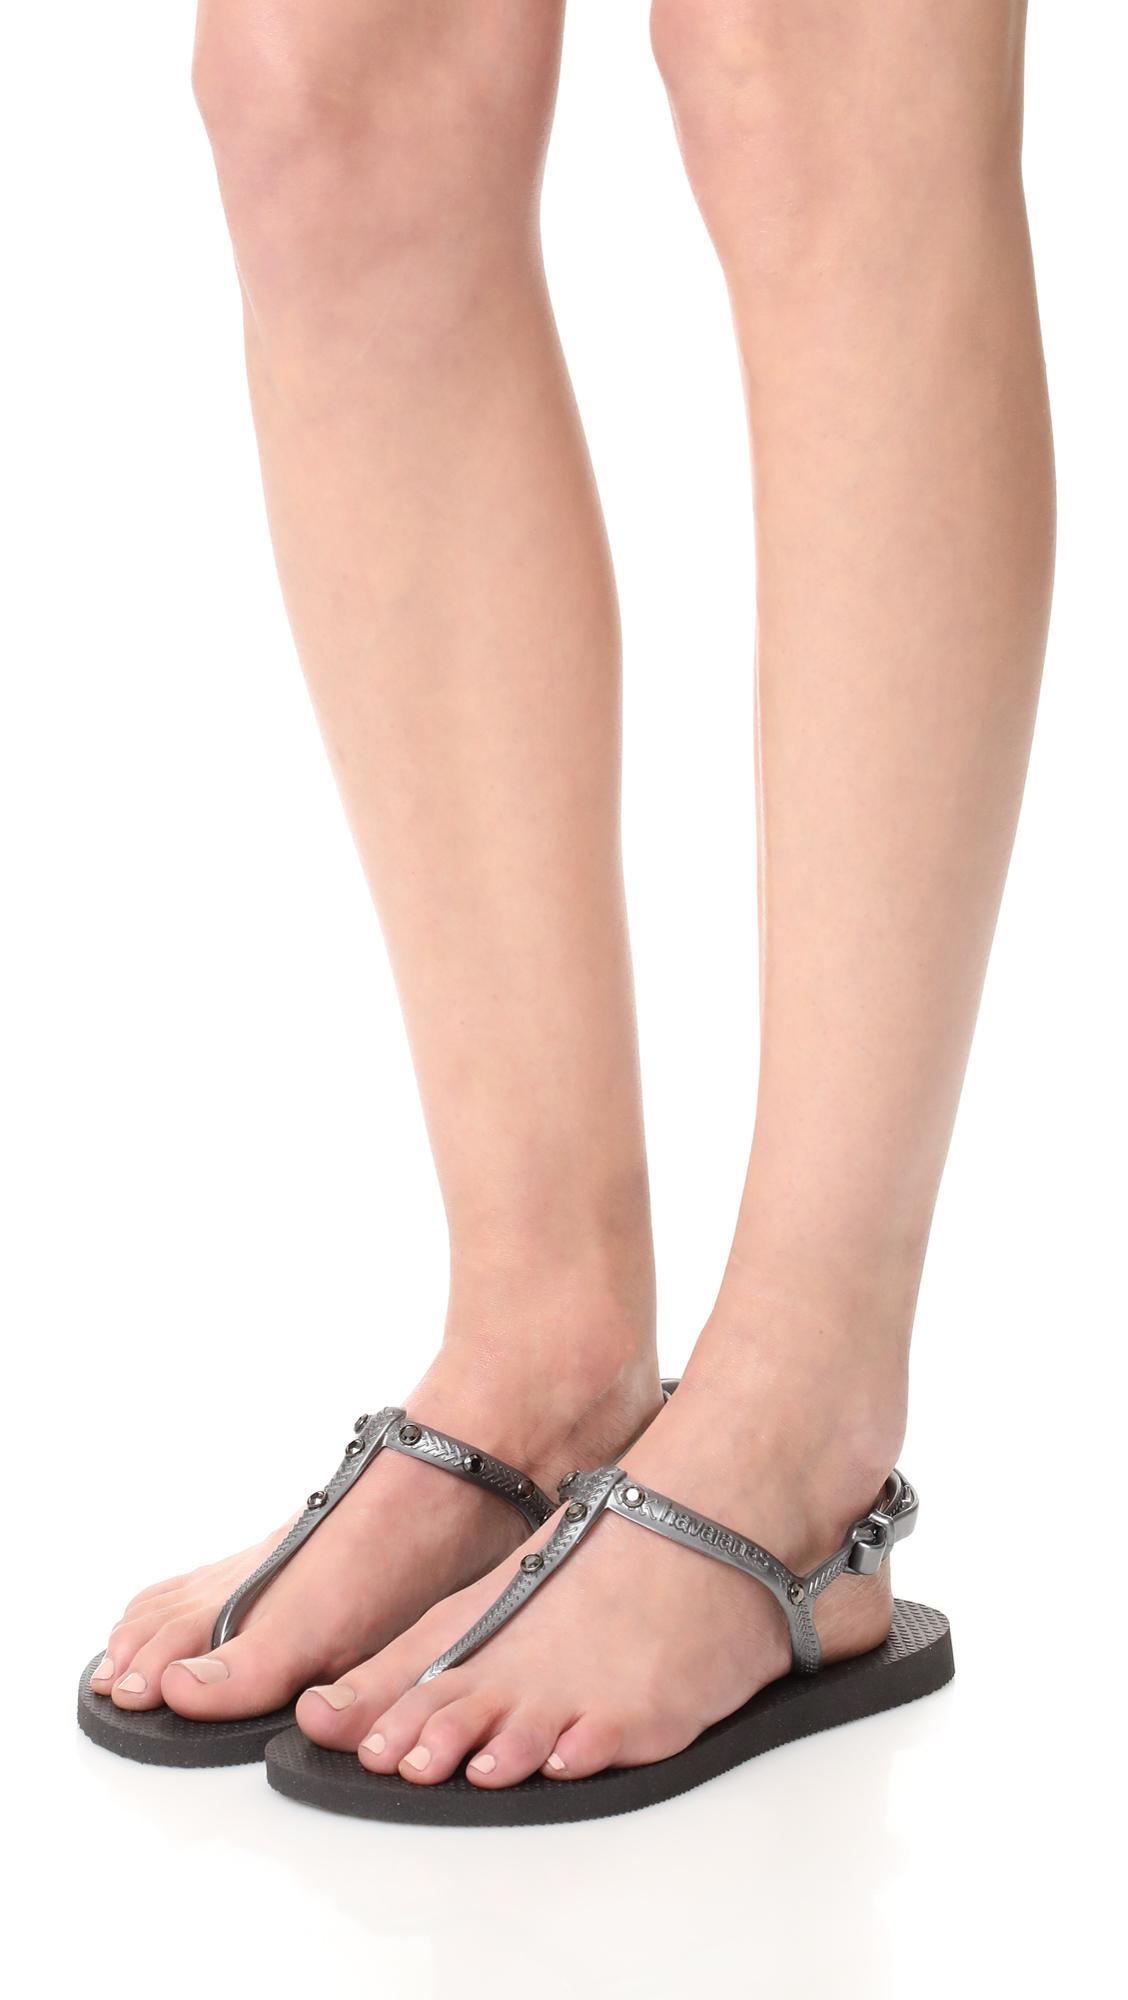 1549f4a263f3ae Havaianas Freedom Crystal Sandals